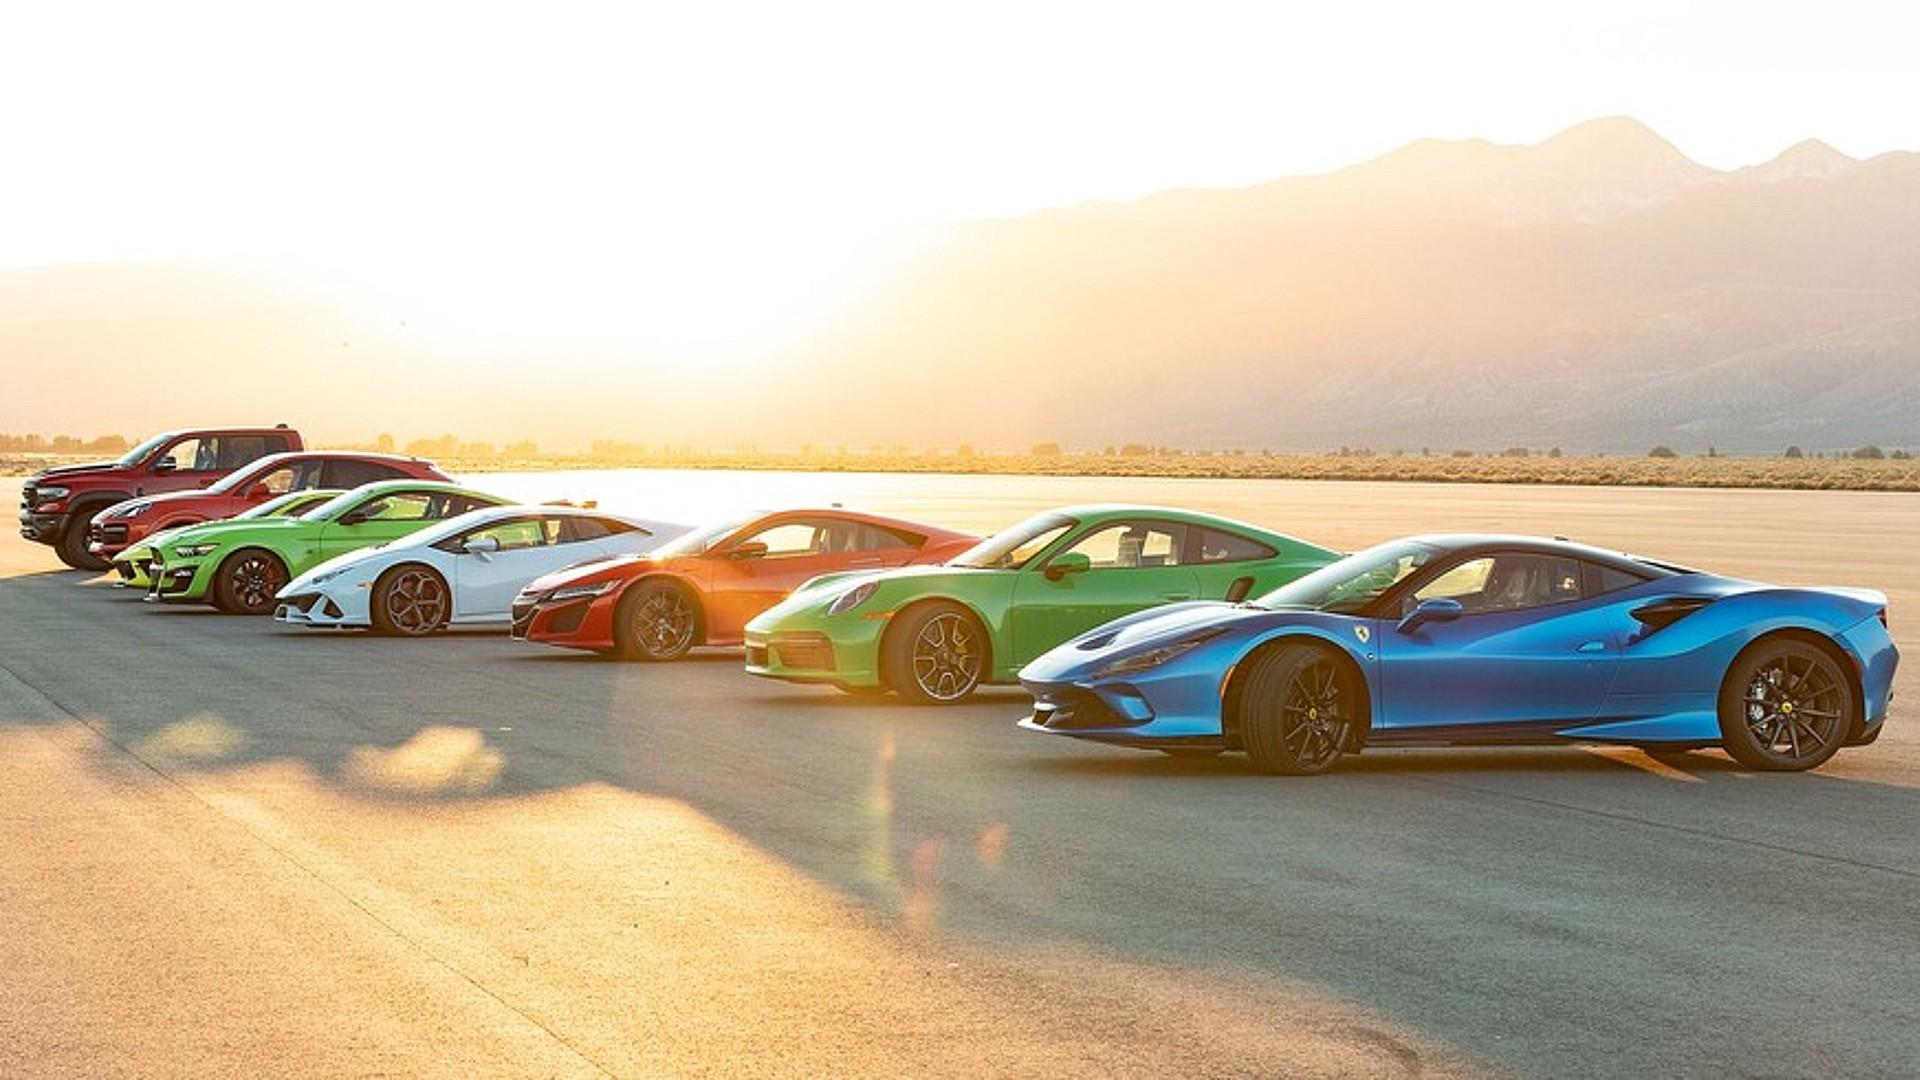 Τα καλύτερα υπεραυτοκίνητα και σπορτσκαρ της χρονιάς αναμετρώνται στην ευθεία! [vid]